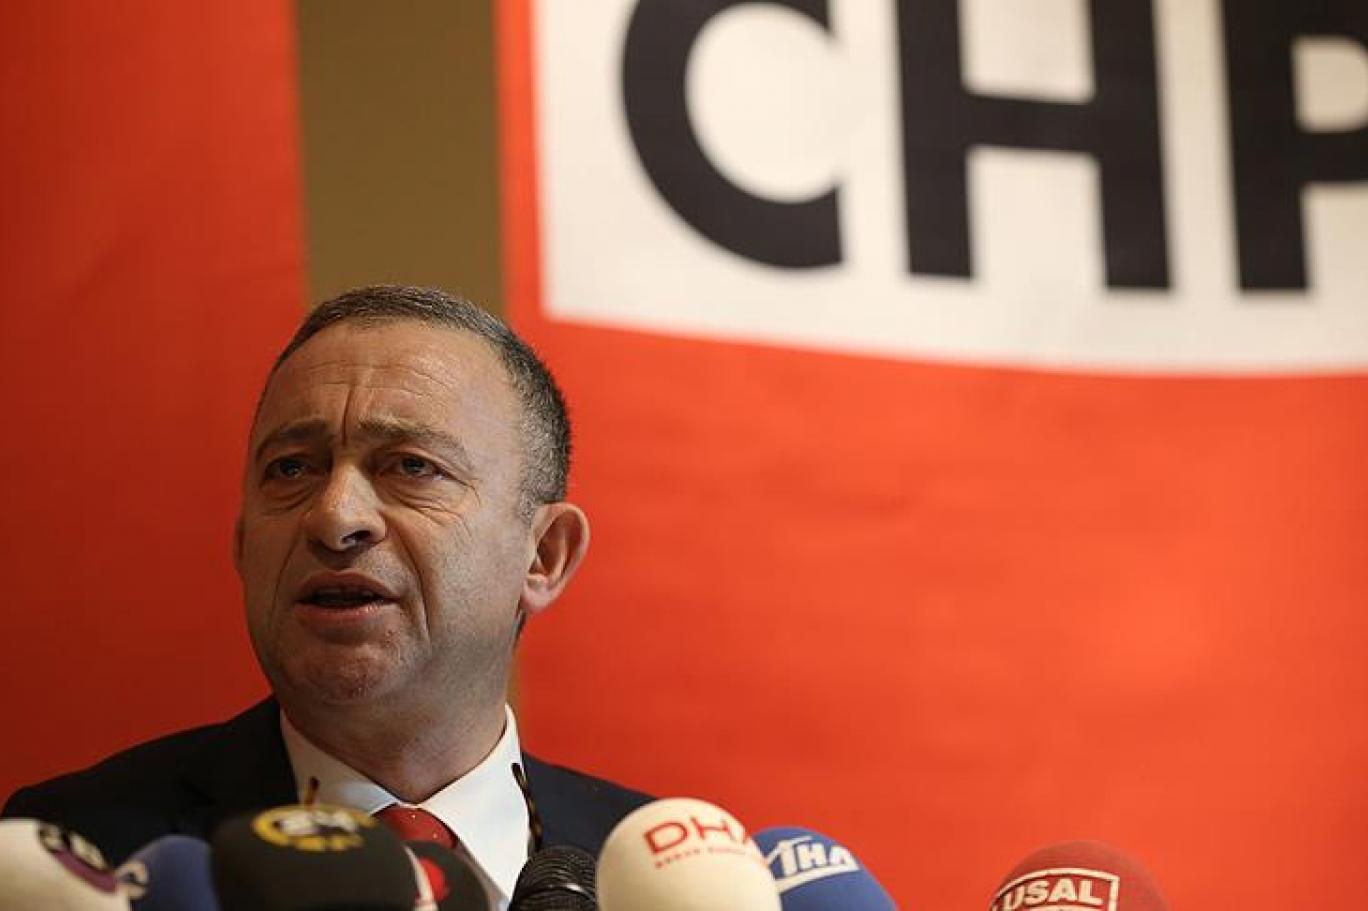 Ümit Kocasakal, CNN Türk boykotunu delmenin gerekçelerini yazdı